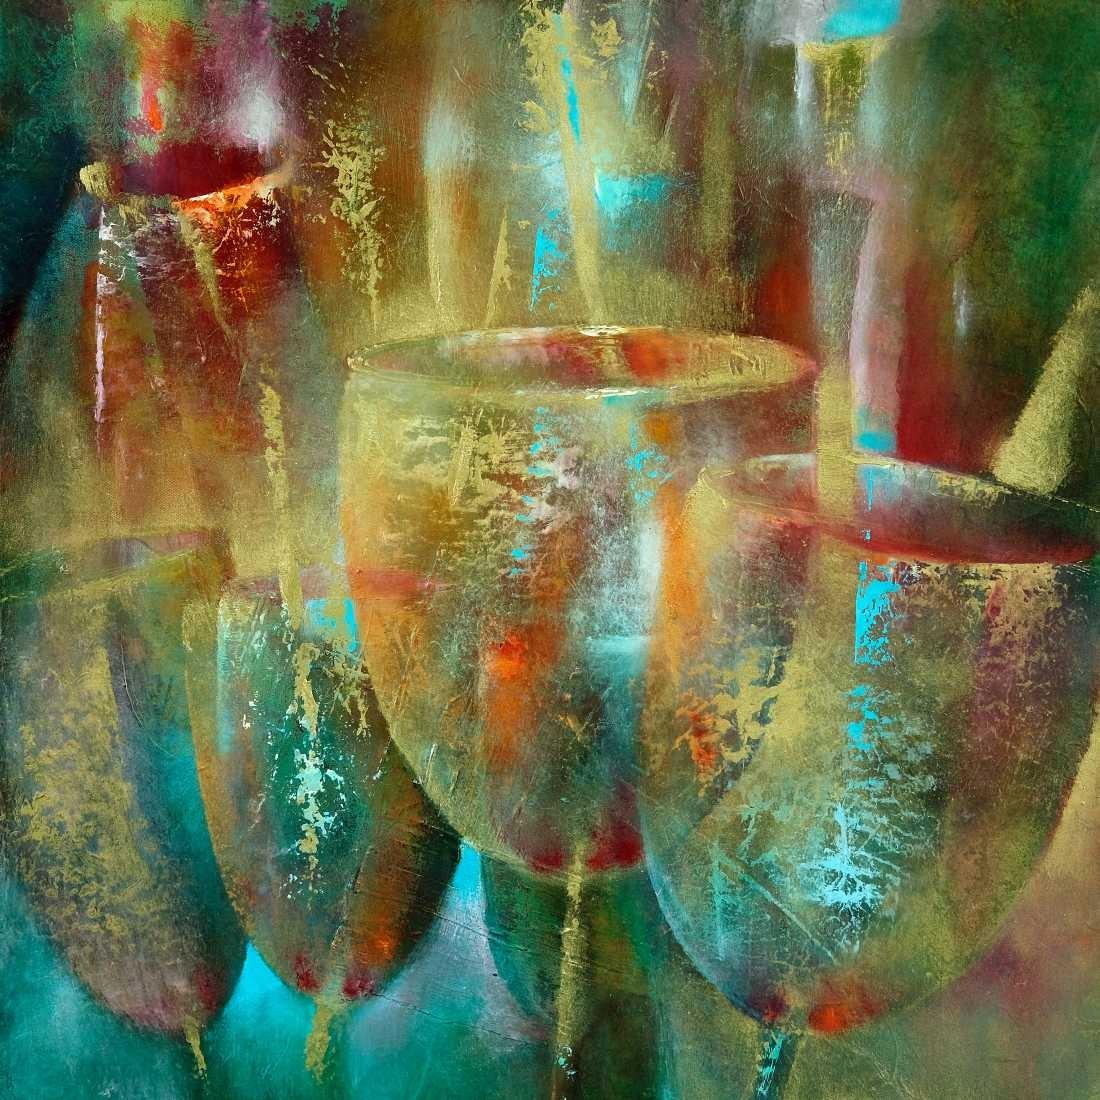 Konfiguration benutzen (Gläser, Weingläser, Feier, Party, transparent, rau, leuchtend, Wunschgröße, Malerei, Partykeller, Bar, Treppenhaus, Wohnzimmer, Küche, bunt)